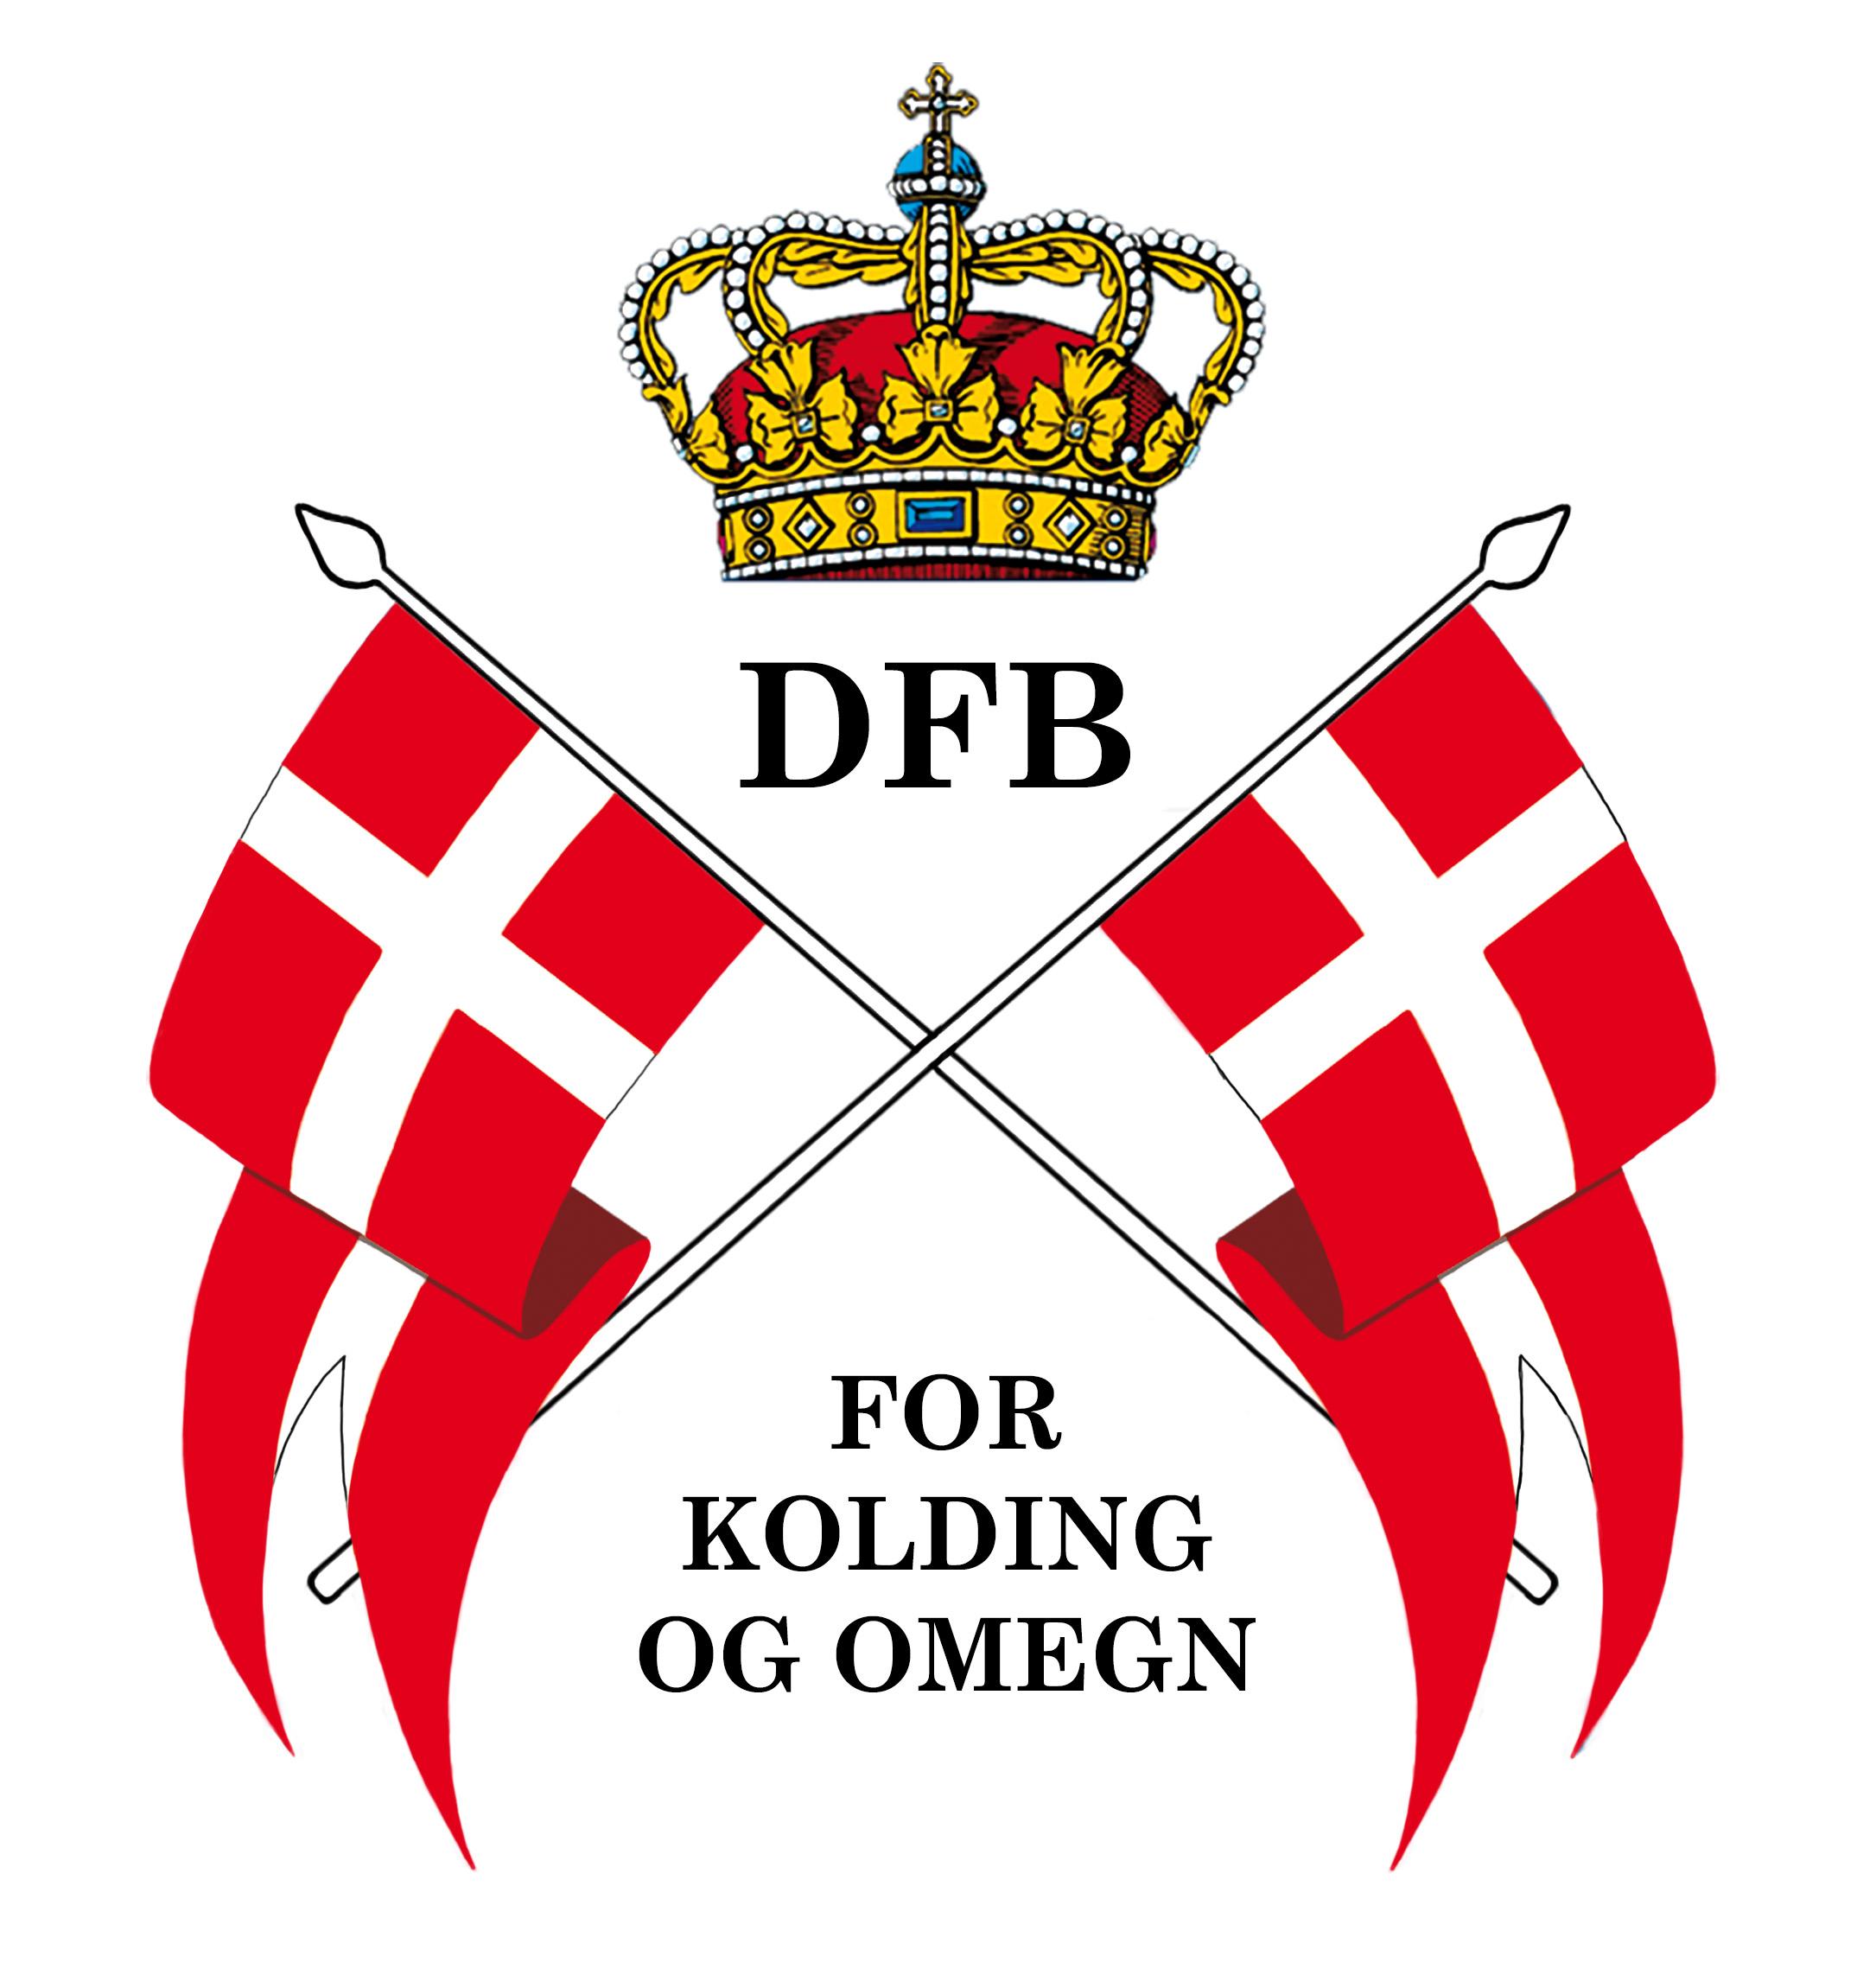 DFB Kolding logo